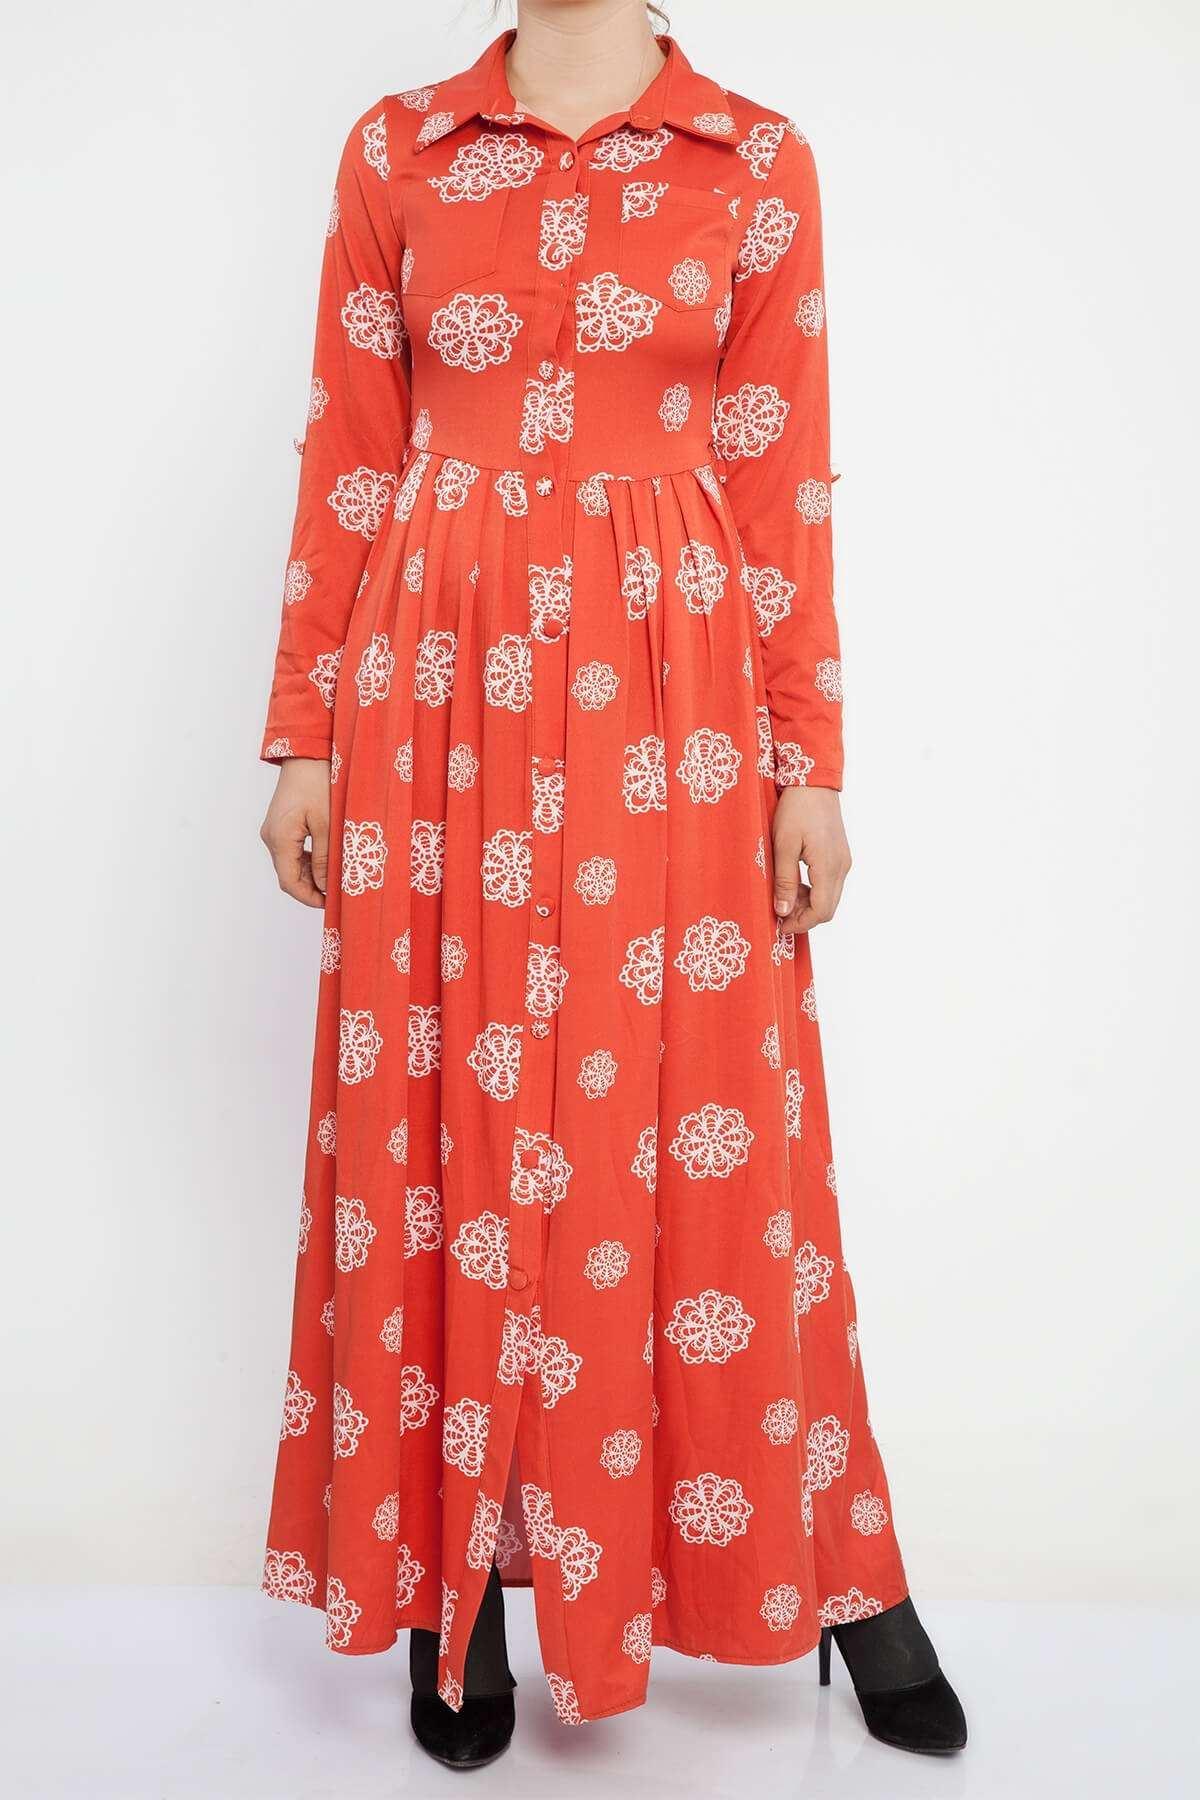 Pliseli Ağ Desenli Cep Detaylı Uzun Elbise Kremit